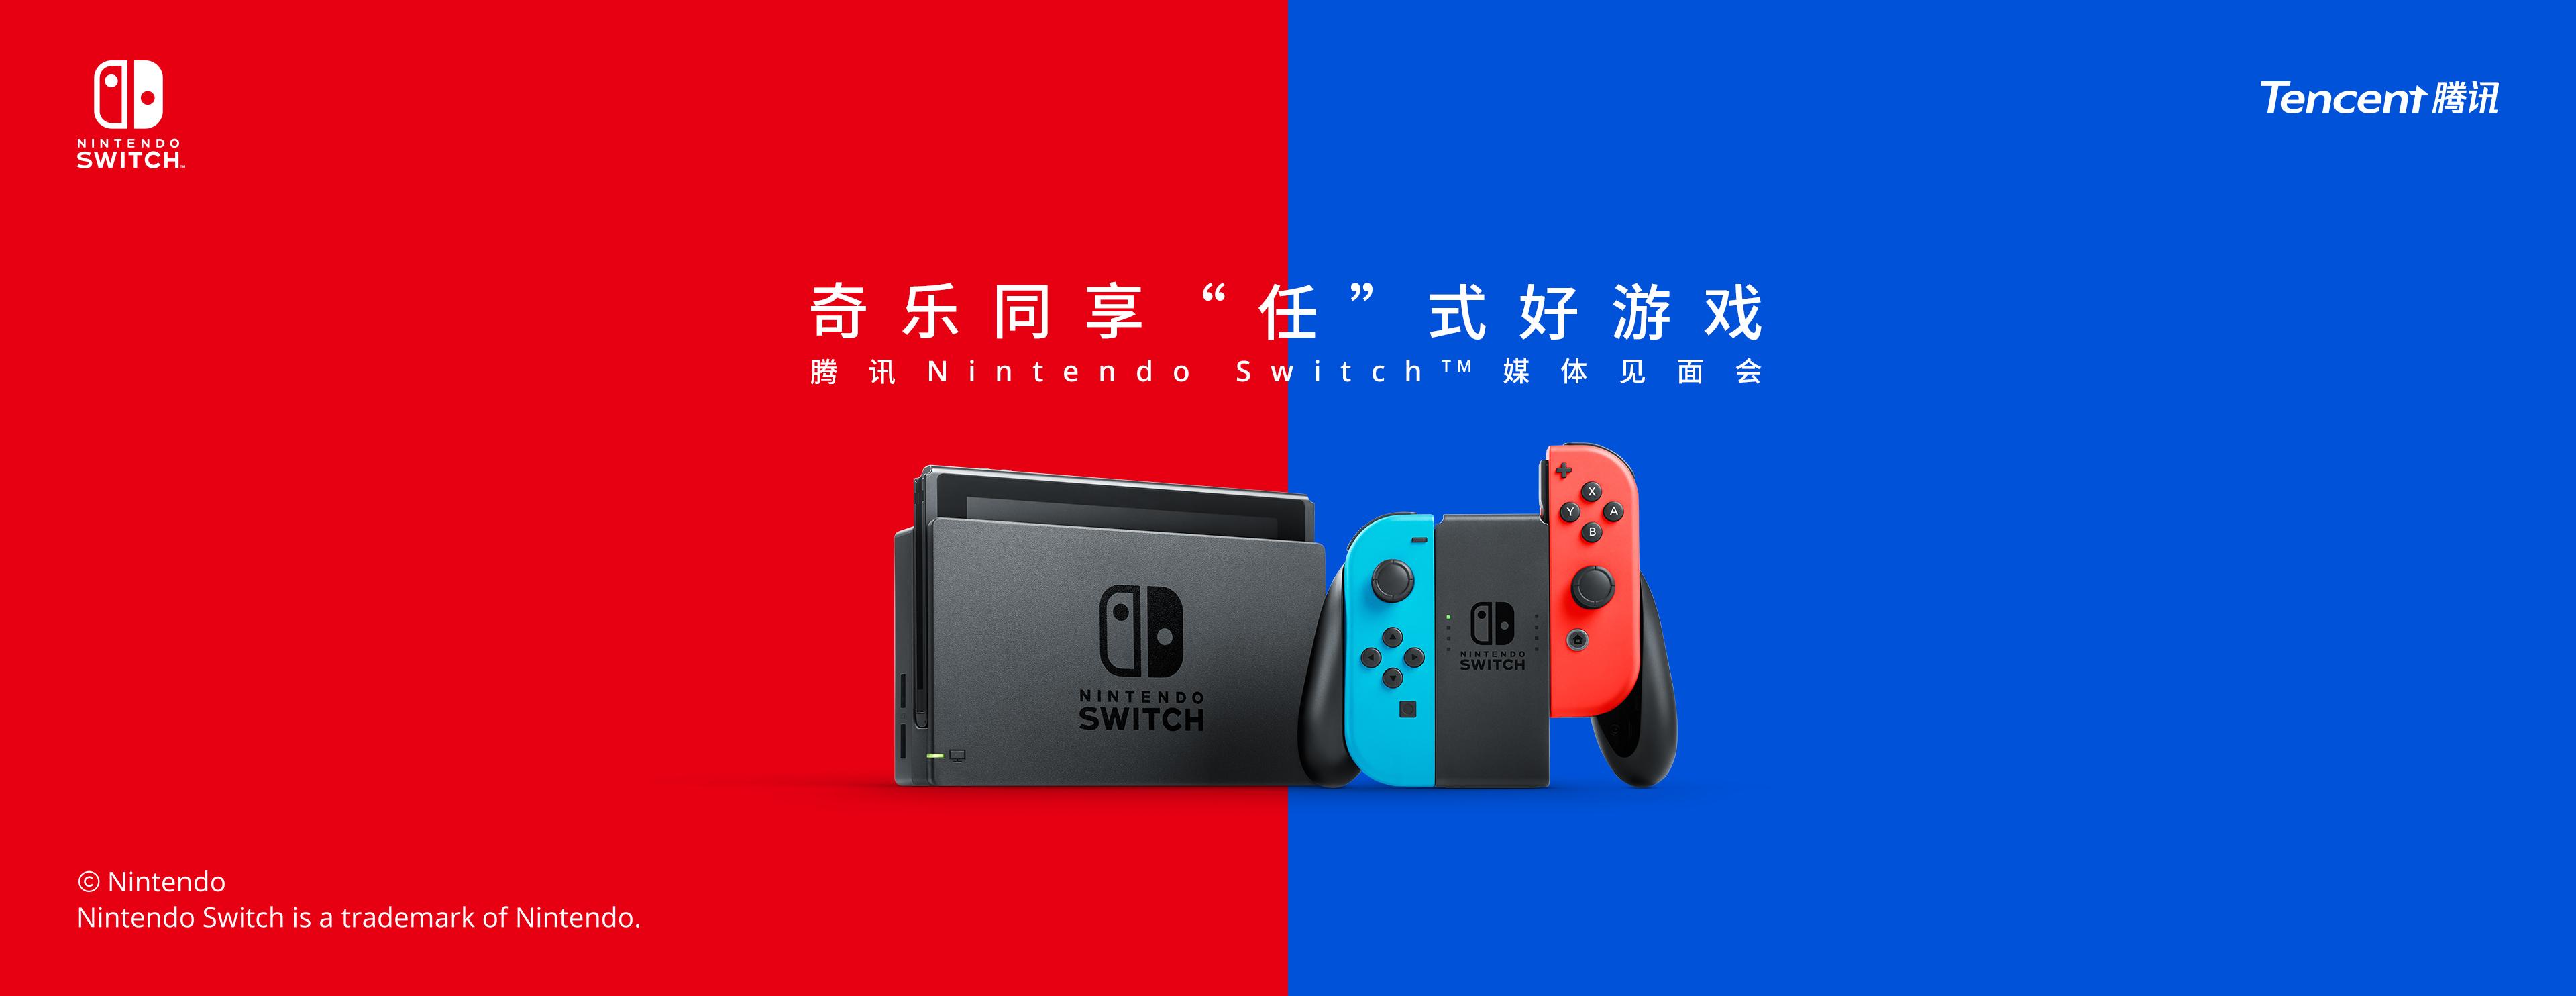 腾讯Nintendo Switch™媒体见面会,首次分享国行引进新进展